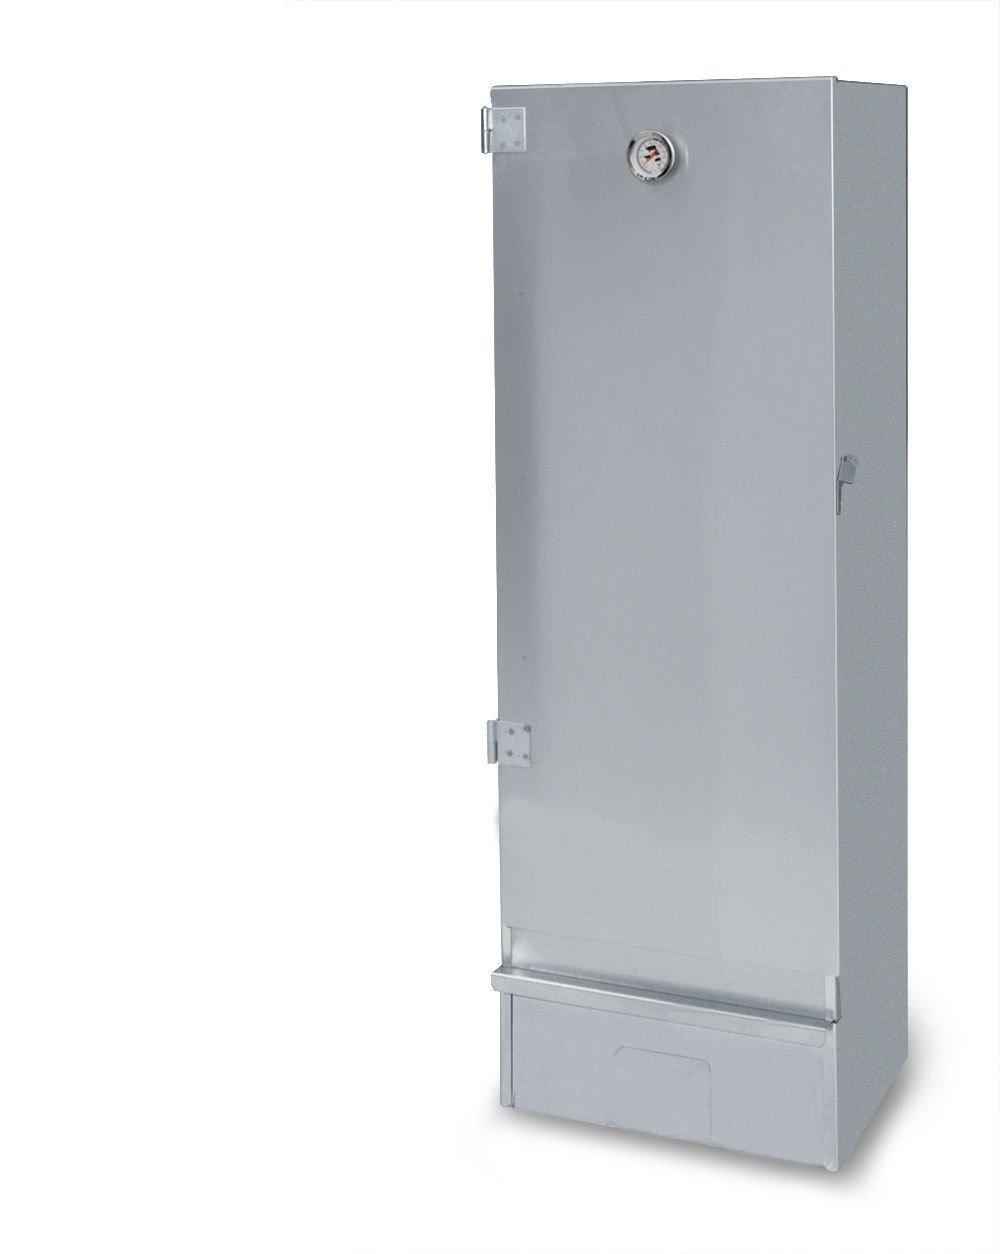 Räucherofen Gas / Elektrisch groß